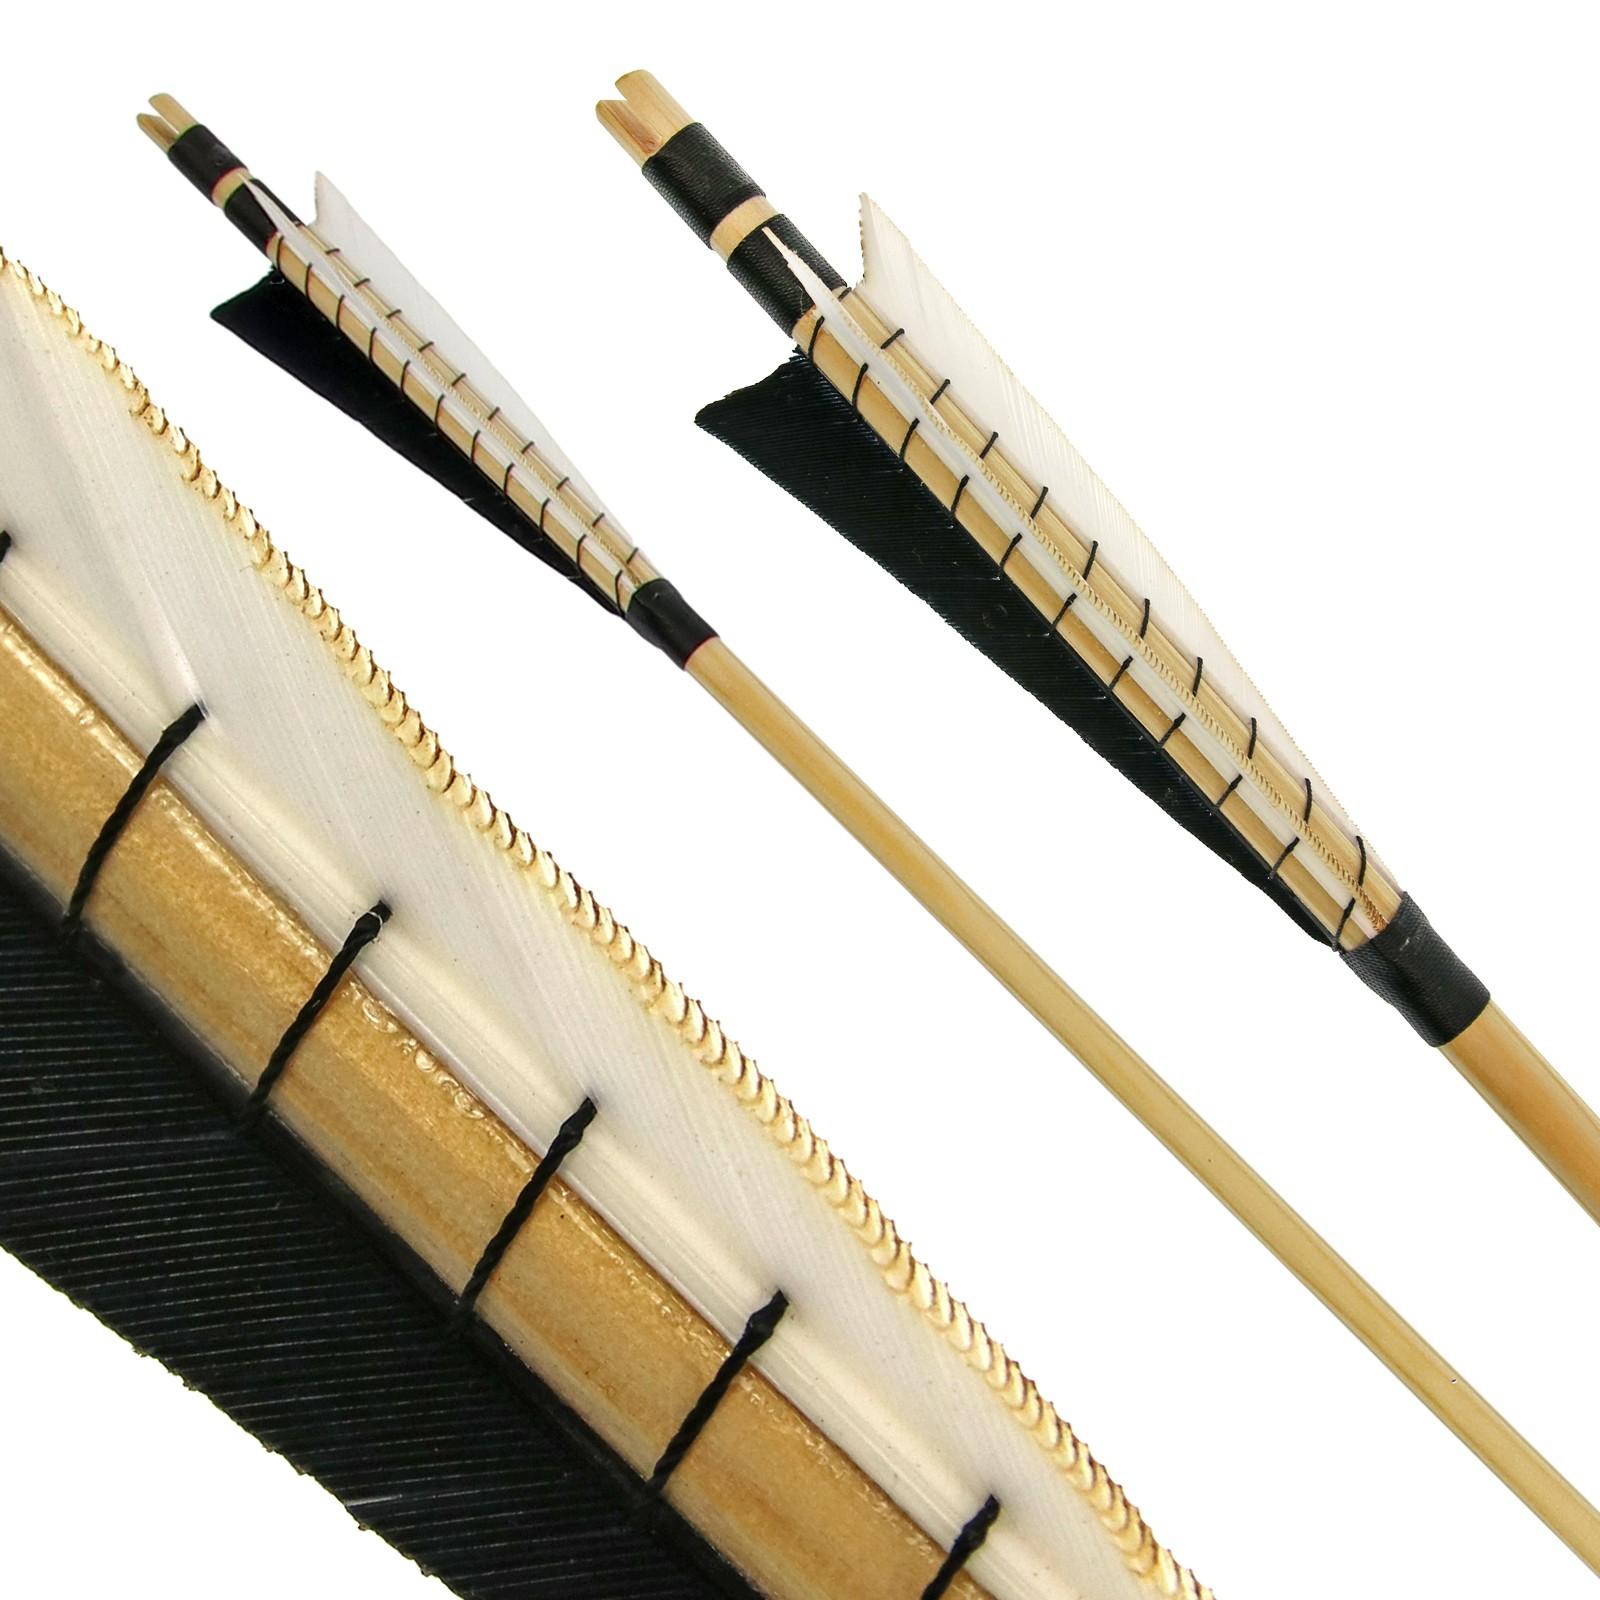 Dřevěný středověký šíp DRAKE 11/32 palců - 24-32 palců